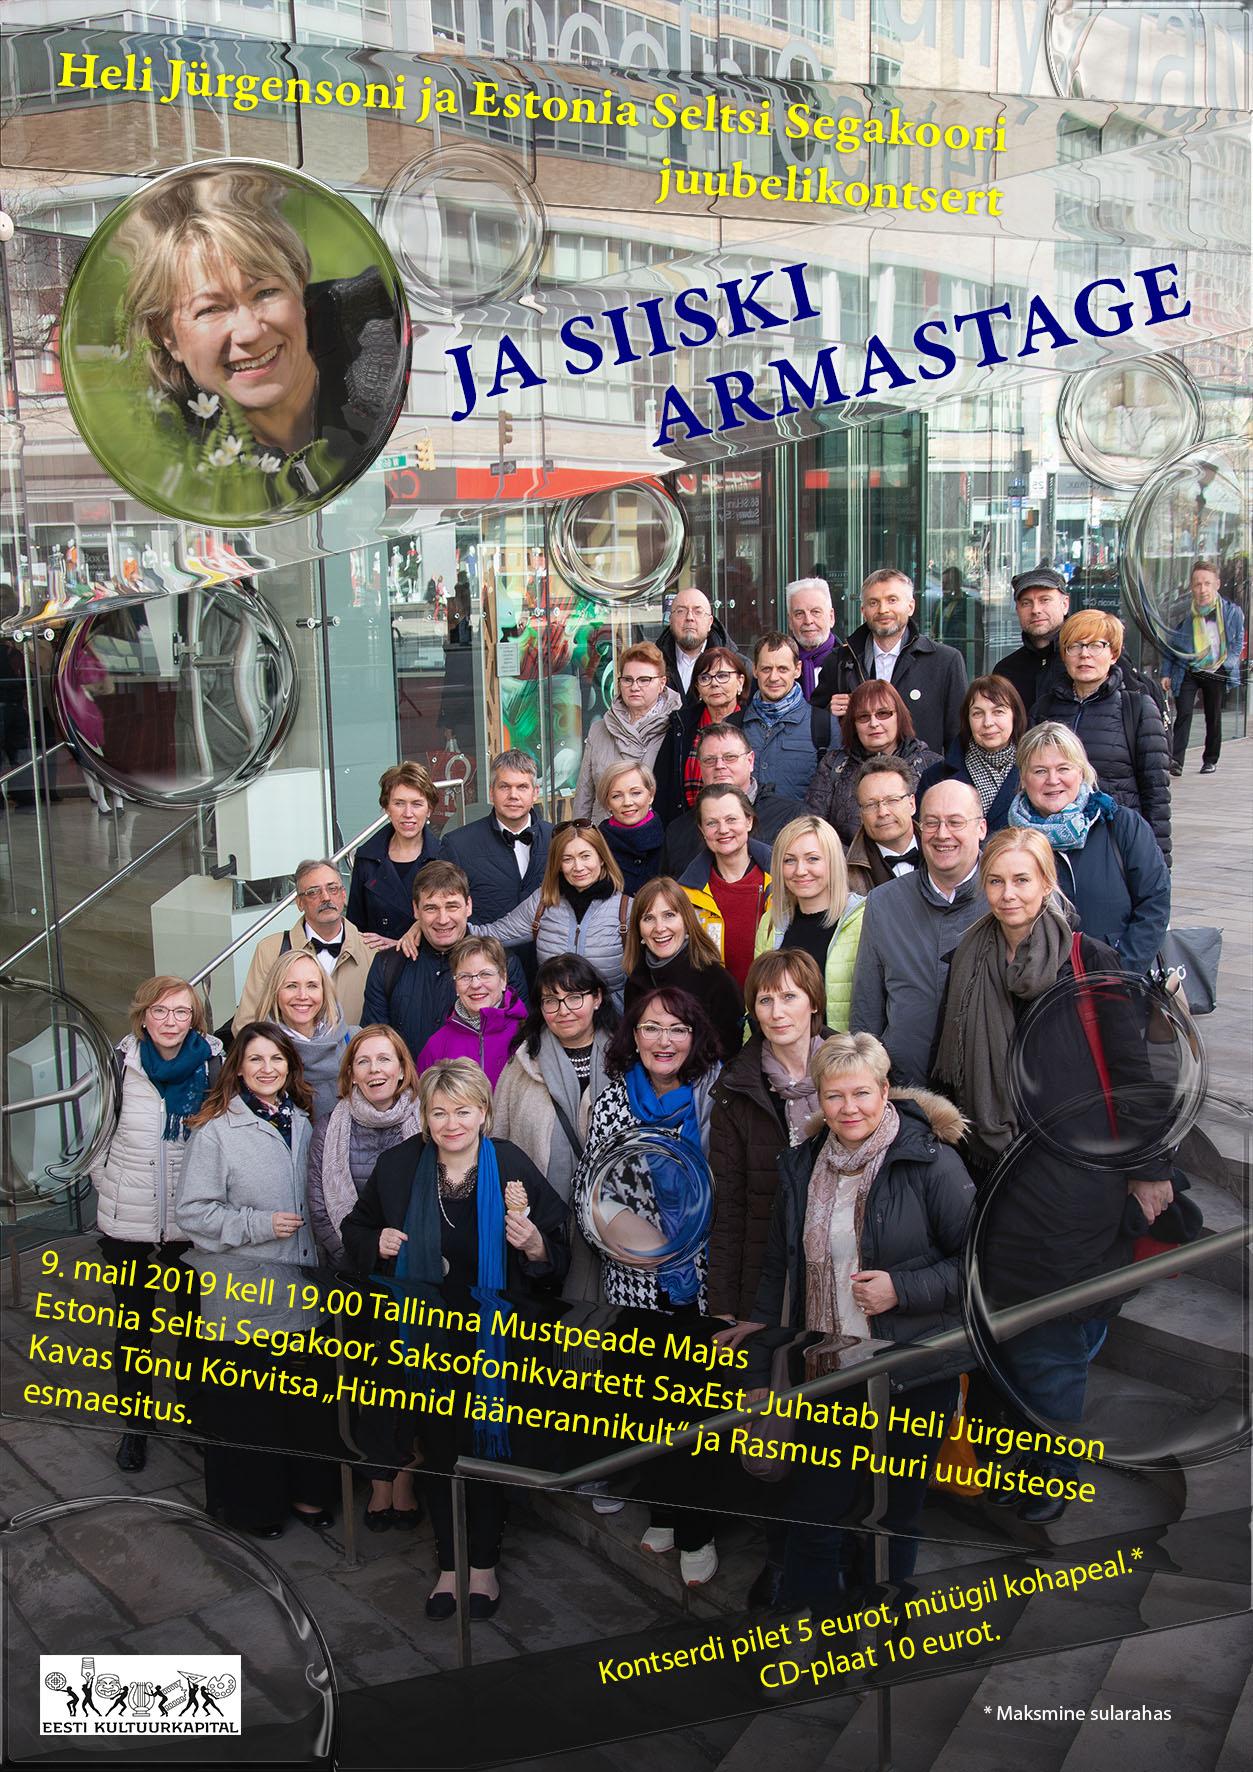 Heli Jürgensoni ja Estonia Seltsi Segakoori juubelikontsert